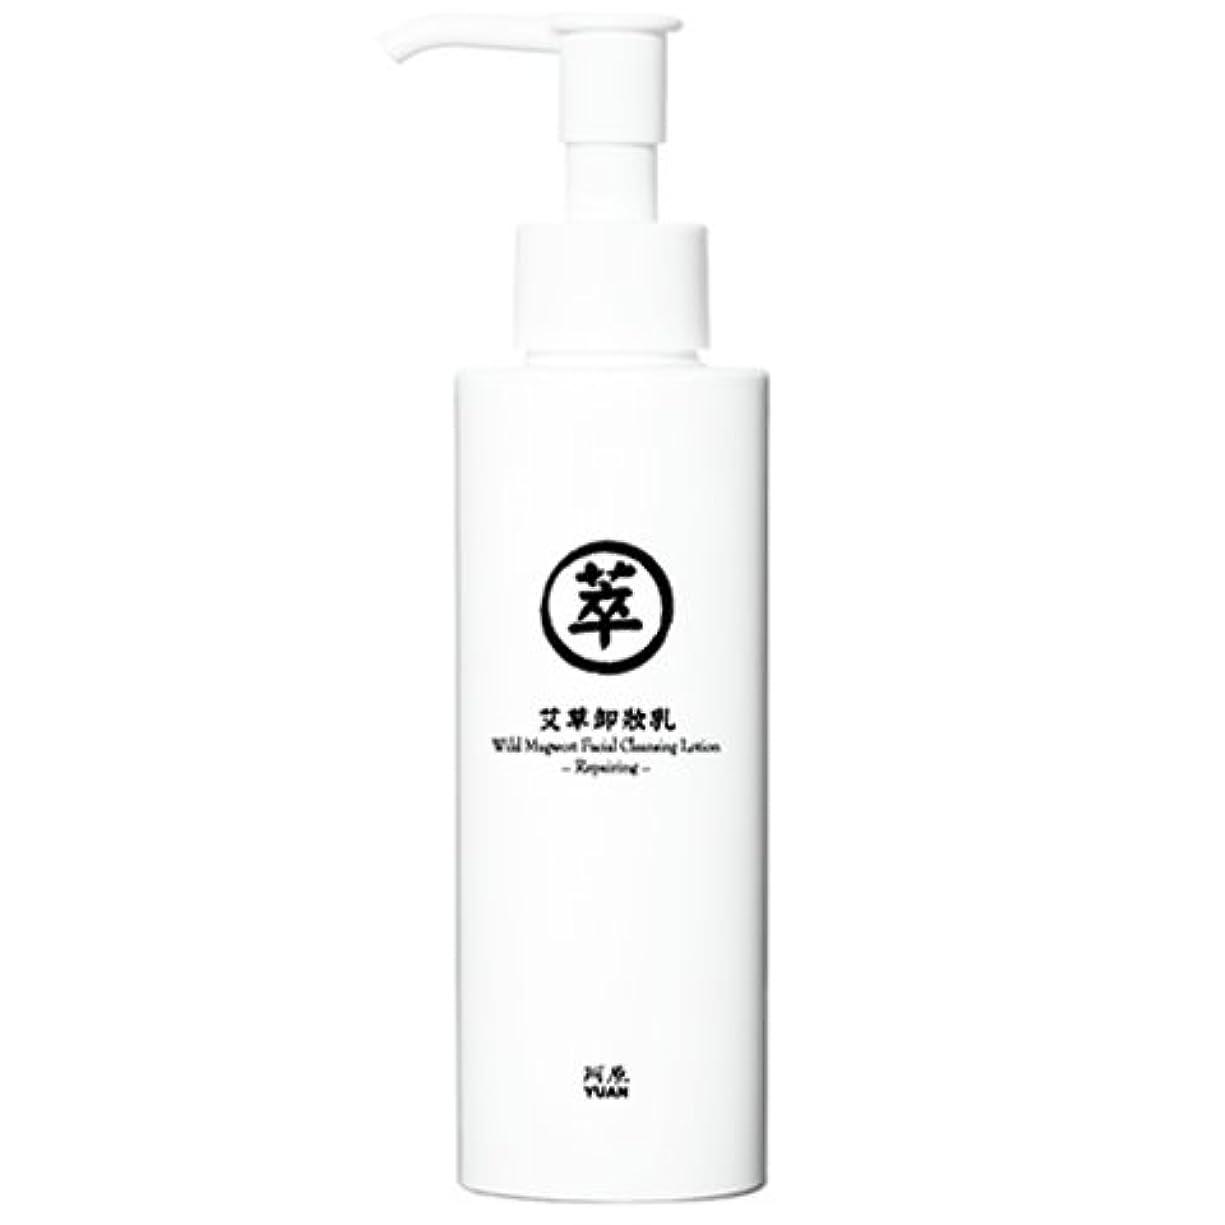 幸運なのためにラウンジユアン(YUAN)ヨモギクレンジングミルク 150ml(阿原 ユアンソープ 台湾コスメ)